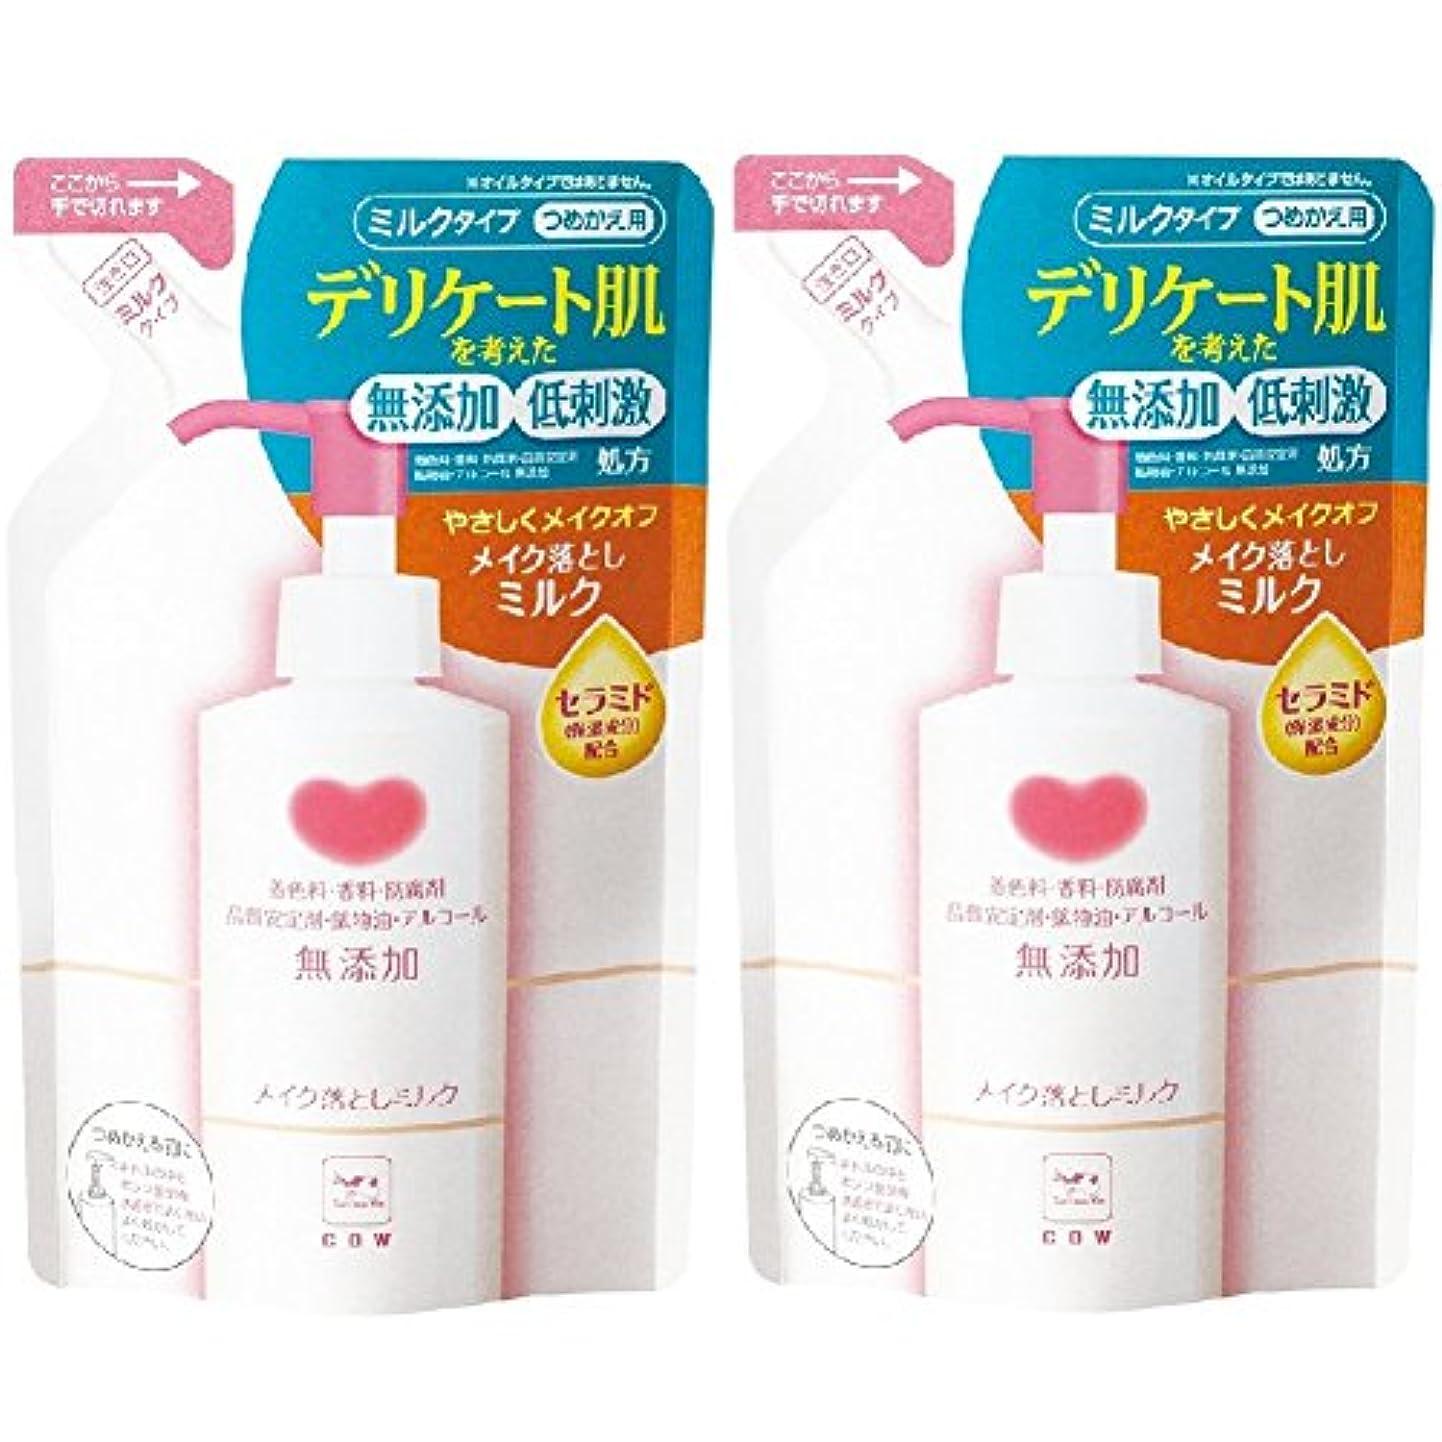 はず肺炎ギャラリーカウブランド 無添加メイク落としミルク 詰替用 2個パック 130mL×2